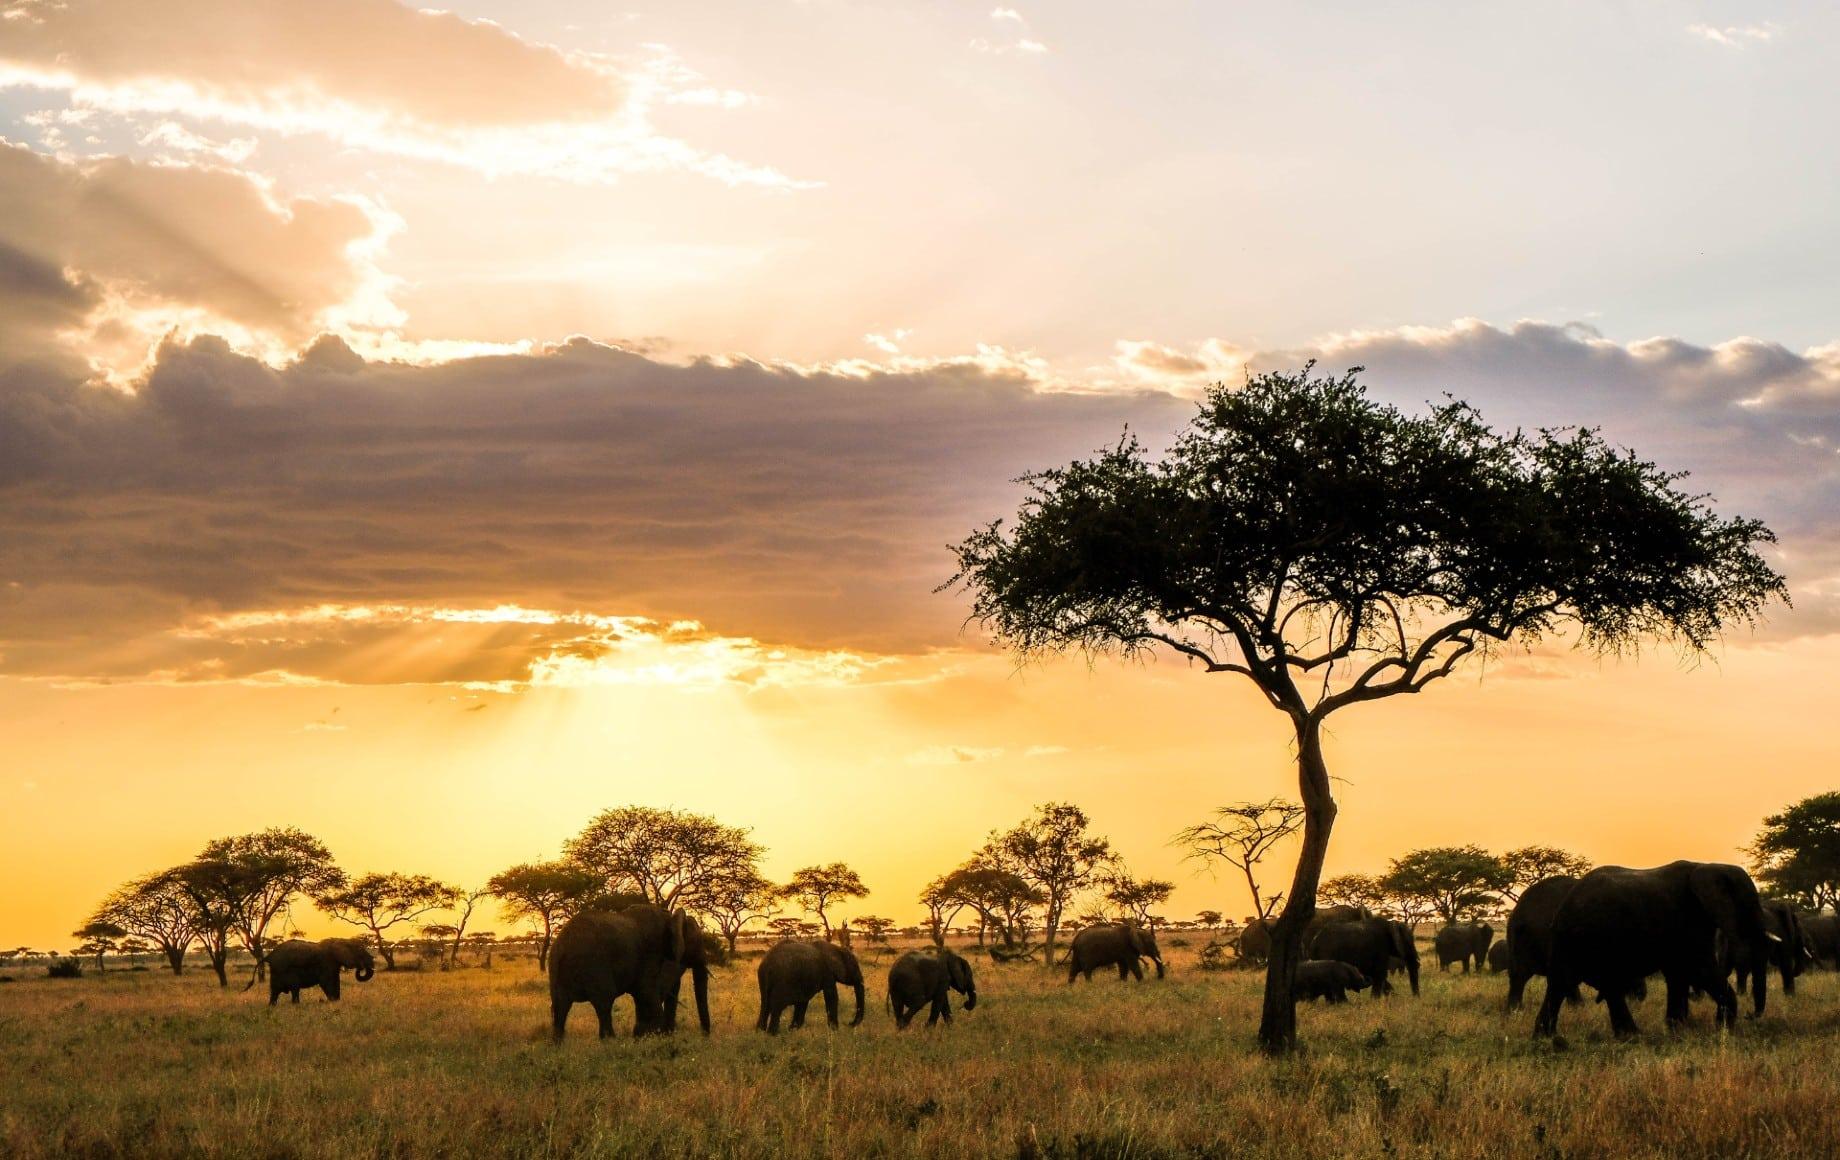 Elephants near a tree